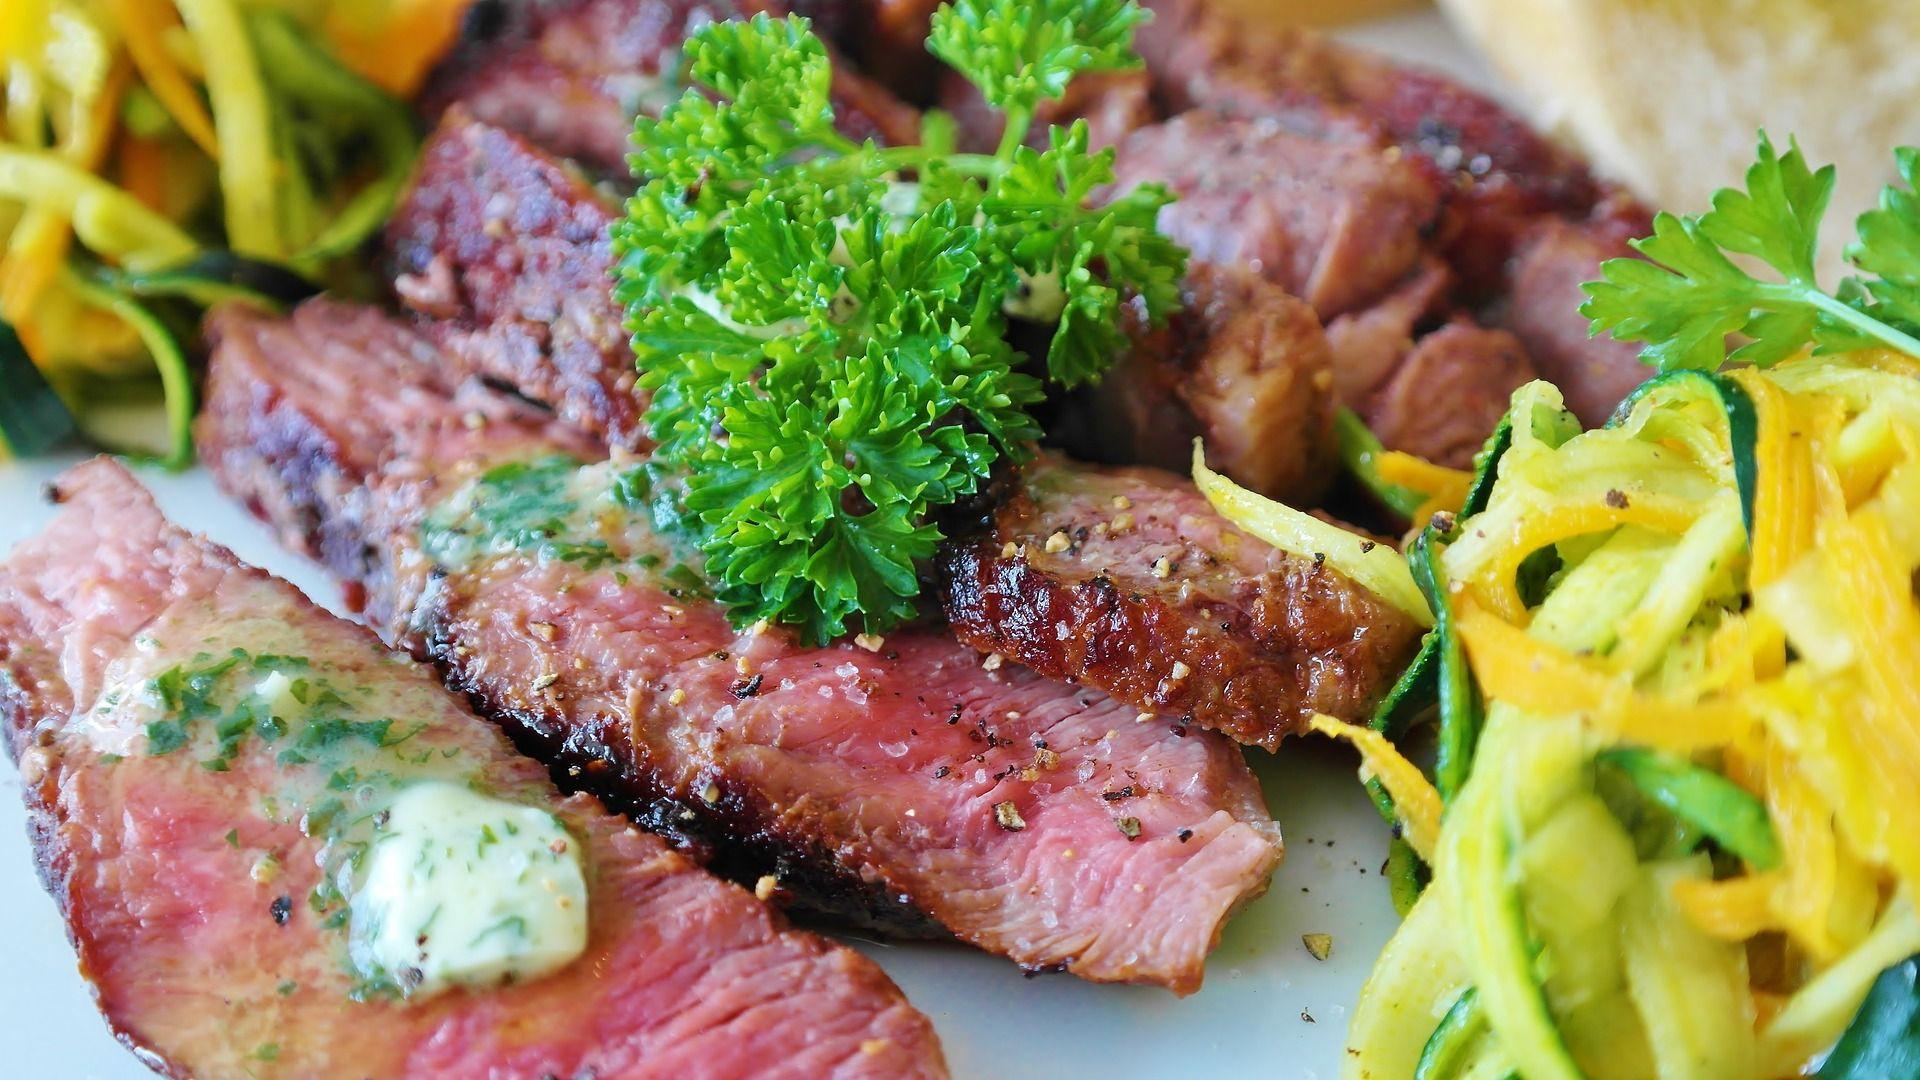 wołowina rodzaje wartosci odzywcze wlasciwosci kalorie tabele kalorii